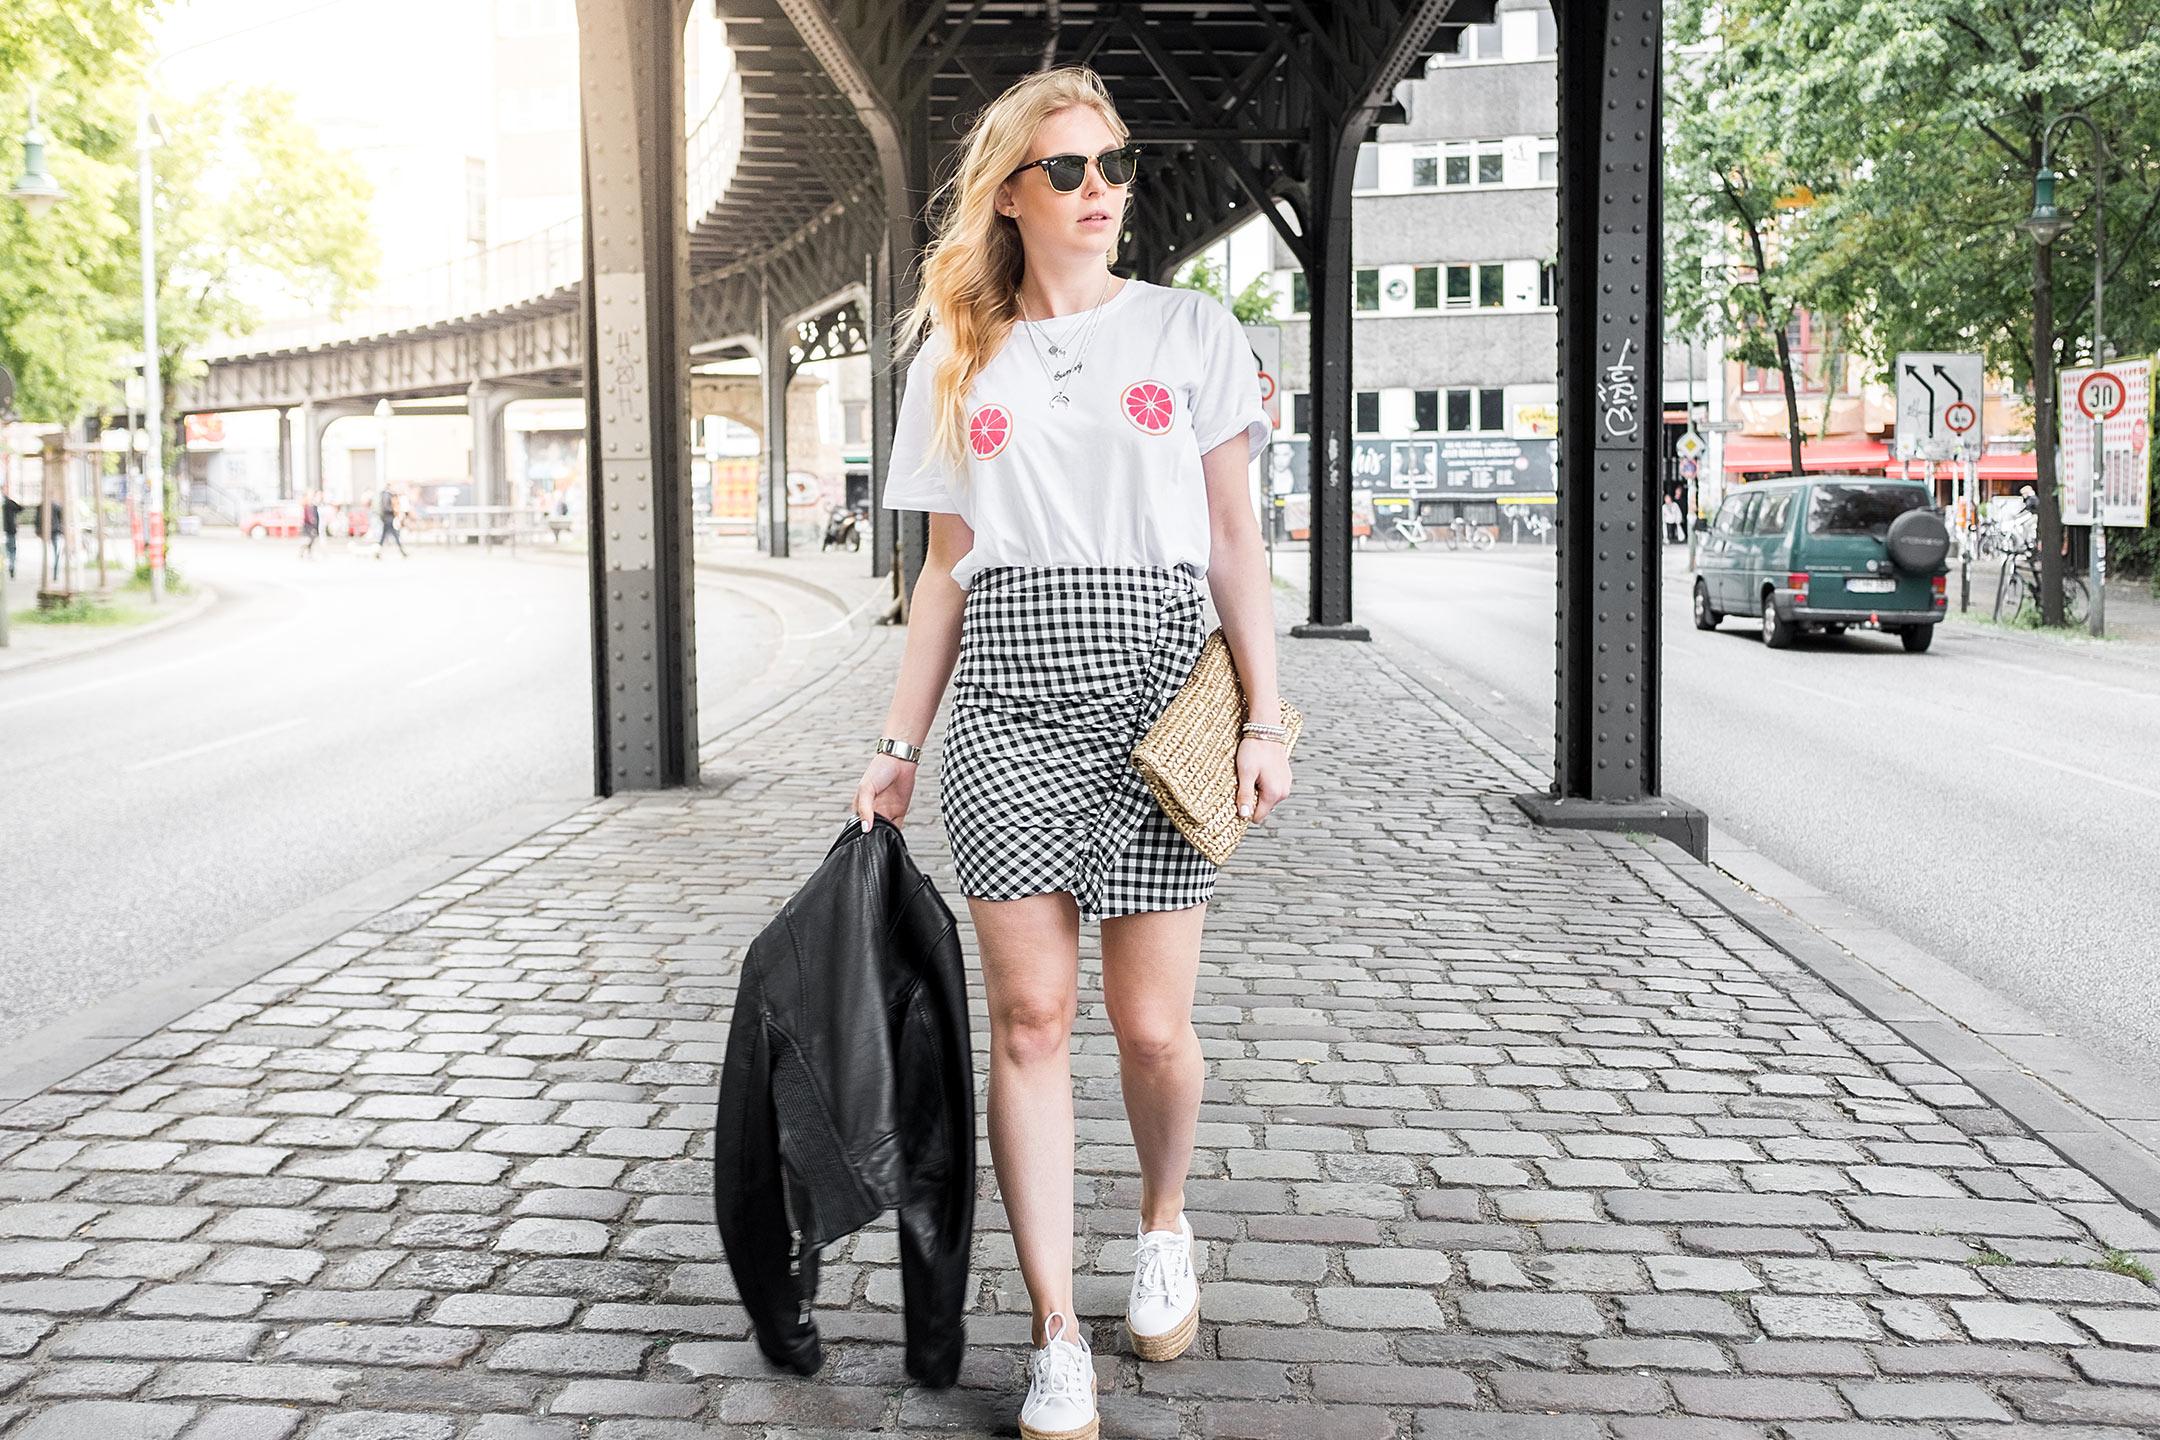 Sunnyinga Outfit Karorock Grapefruit Shirt Basttasche Lederjacke Modeblog Düsseldorf